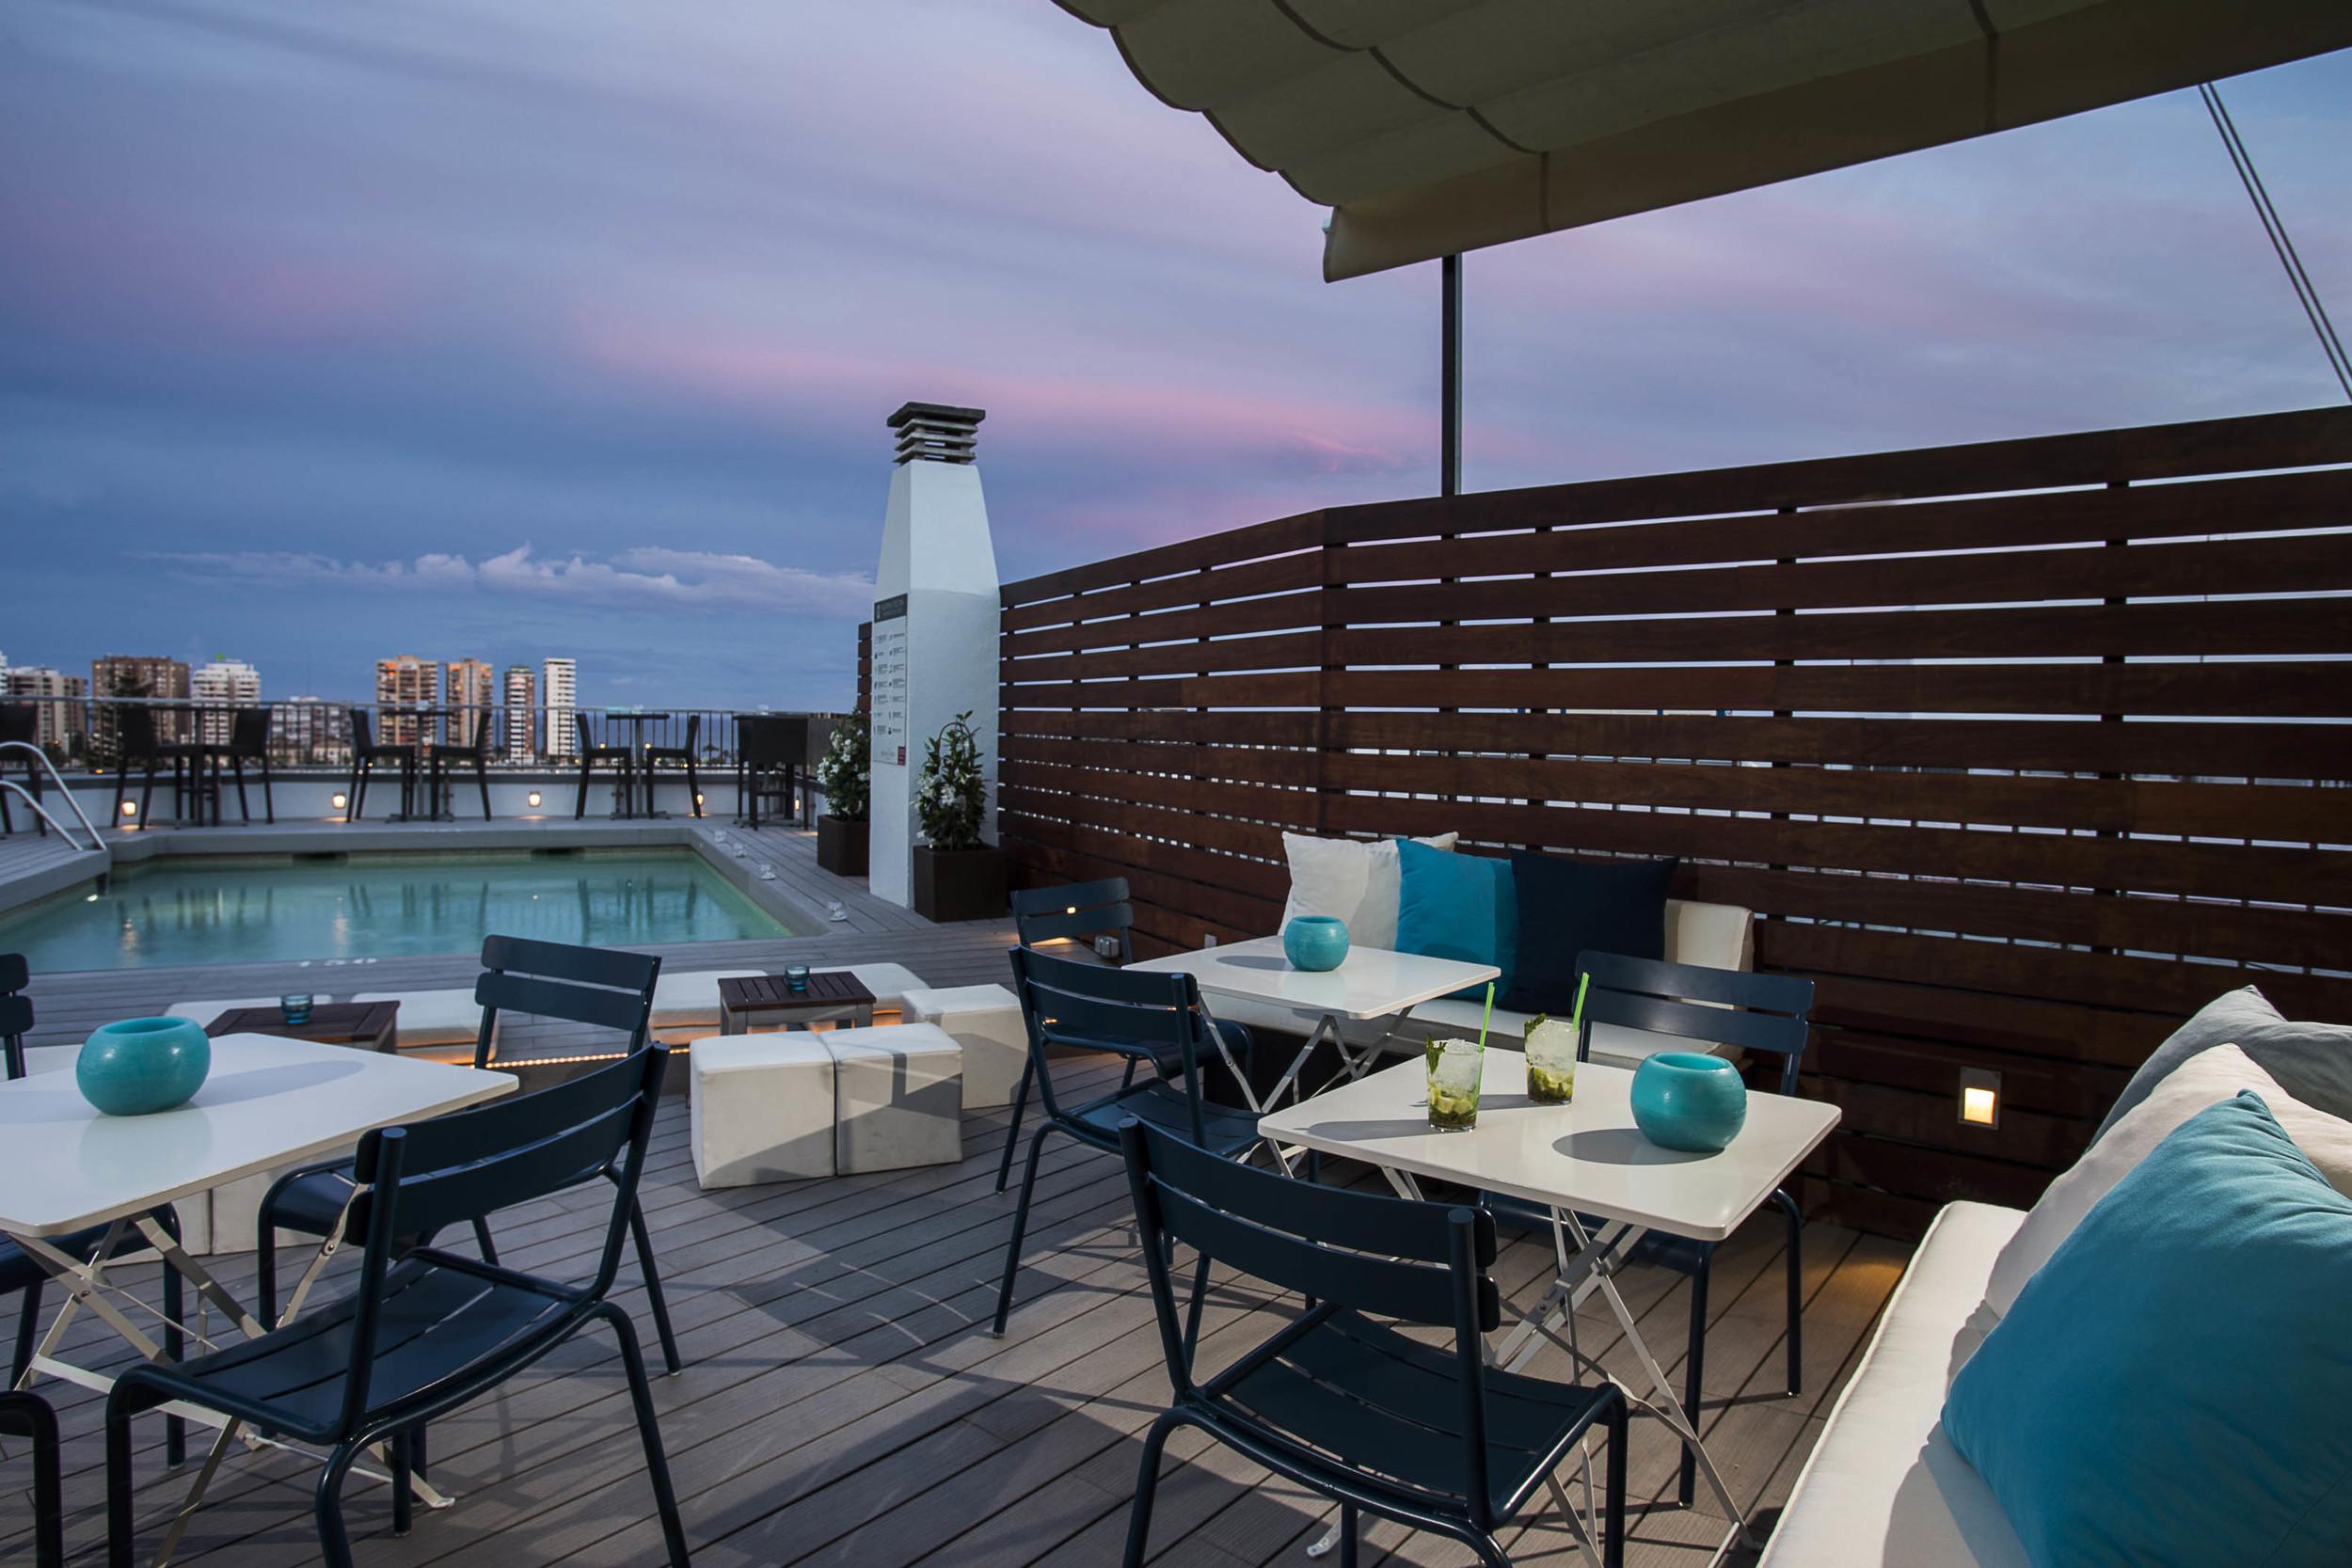 Piscina Lounge_Terraza Hotel Molina Lario 3.jpg